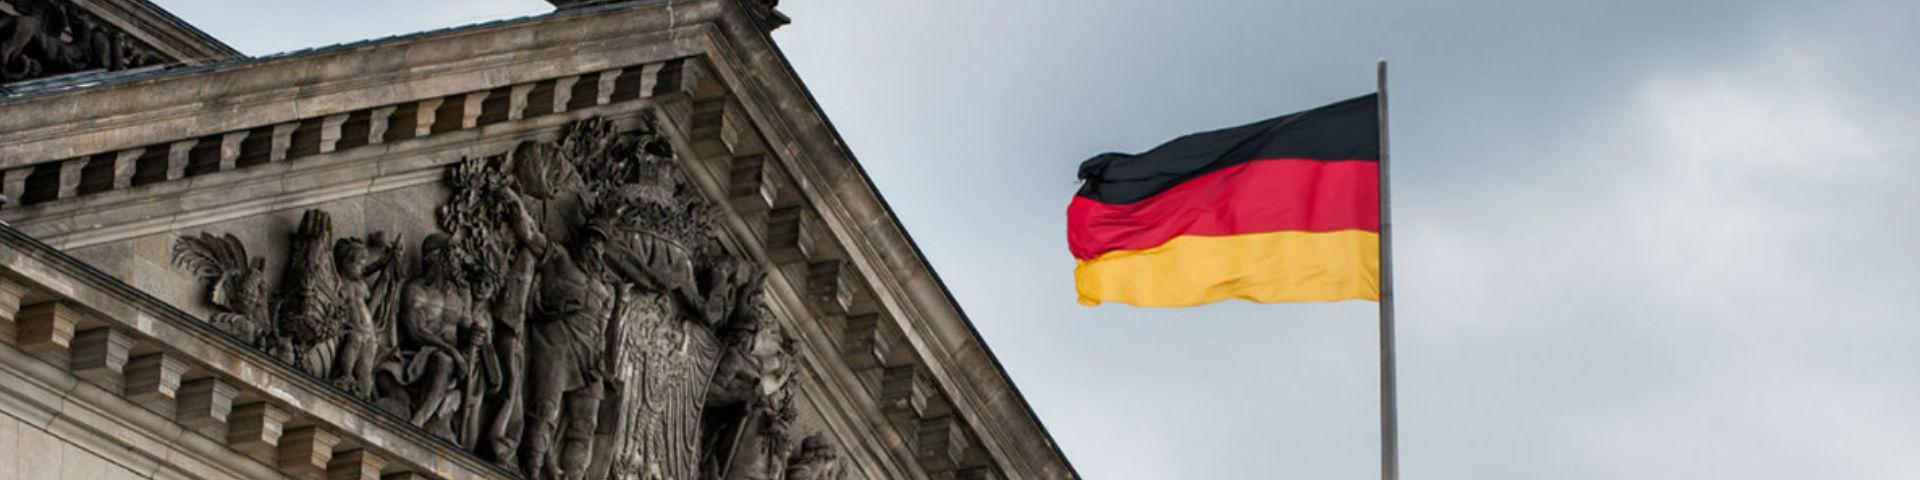 В Германии планируют запретить Live ставки и ограничить максимальную сумму пари